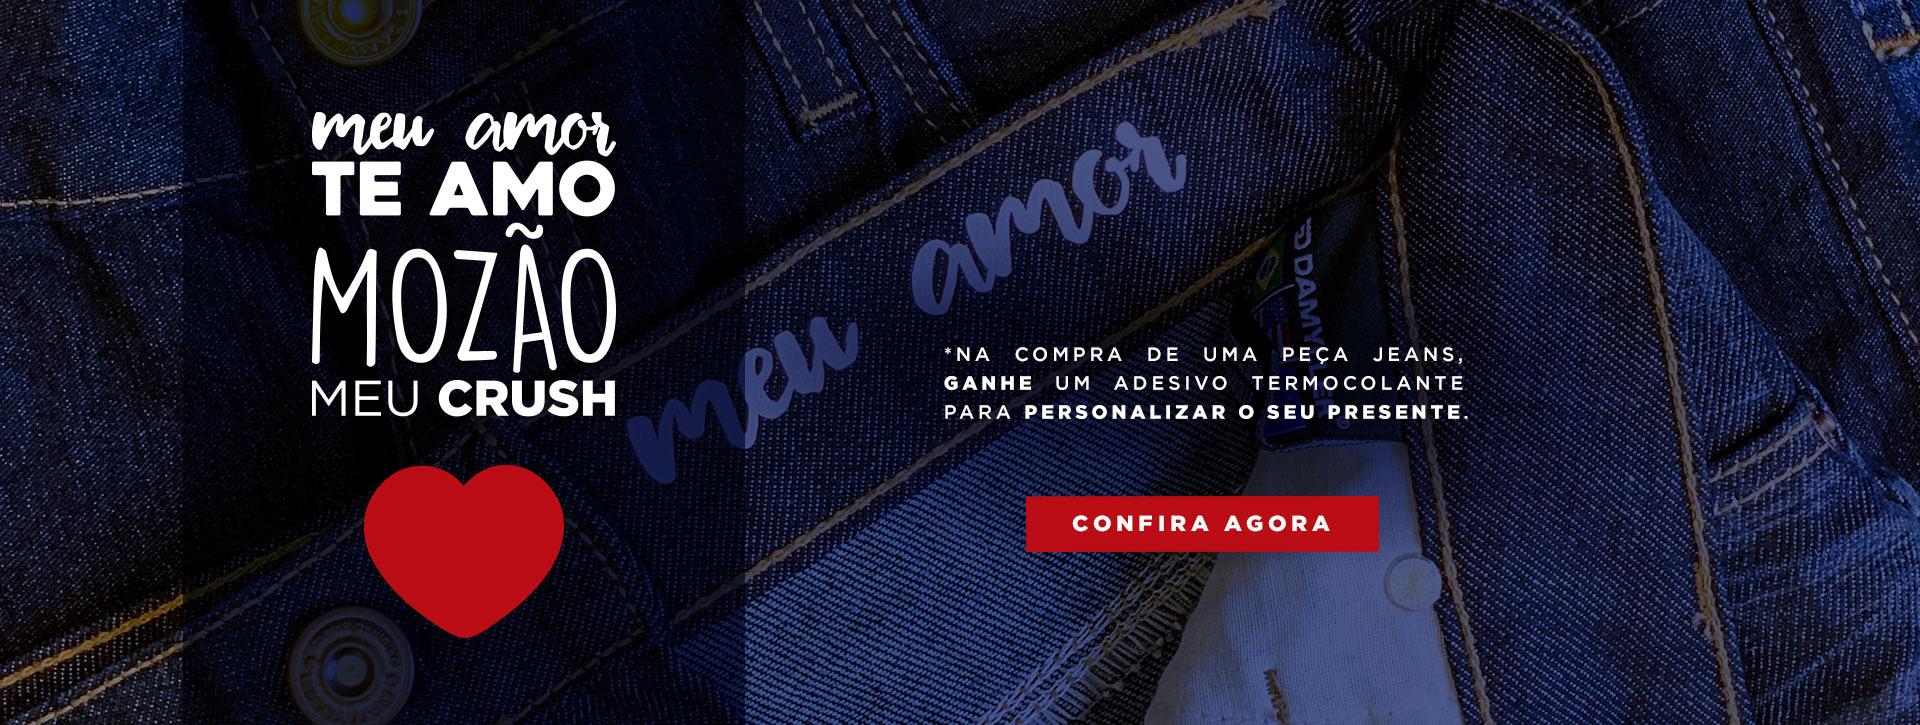 e73d7aec0 Damyller Jeans | Loja Online de Roupas e Acessórios